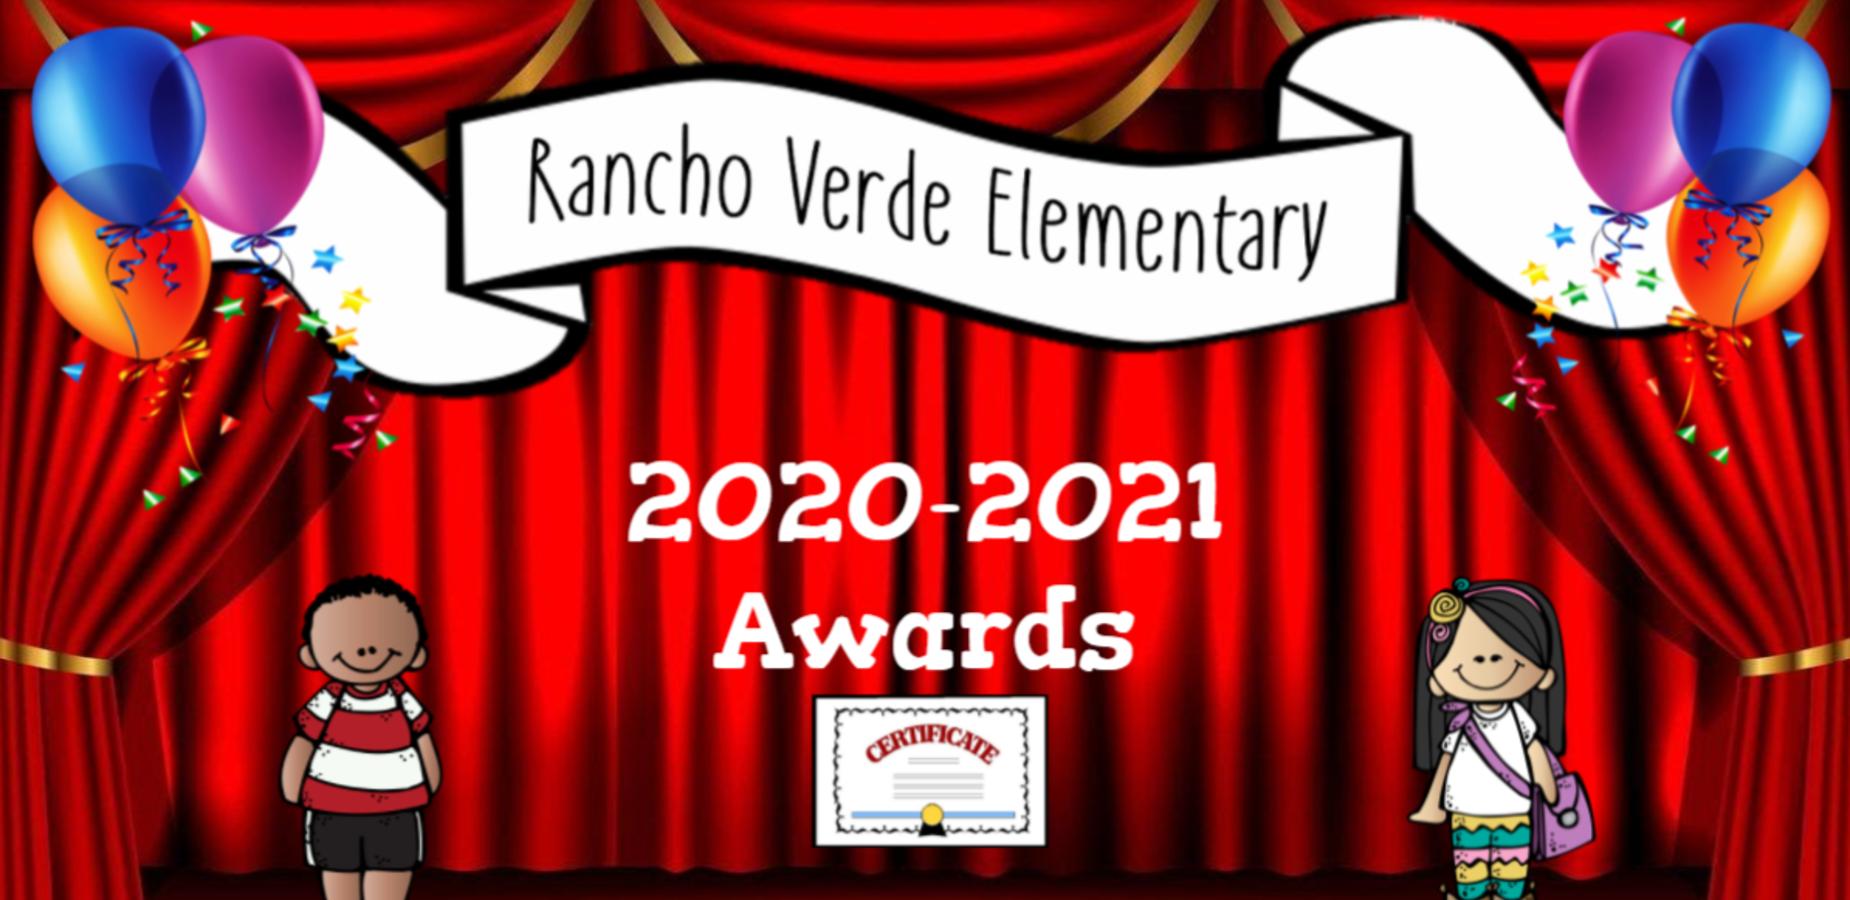 RVE Awards 2020-2021